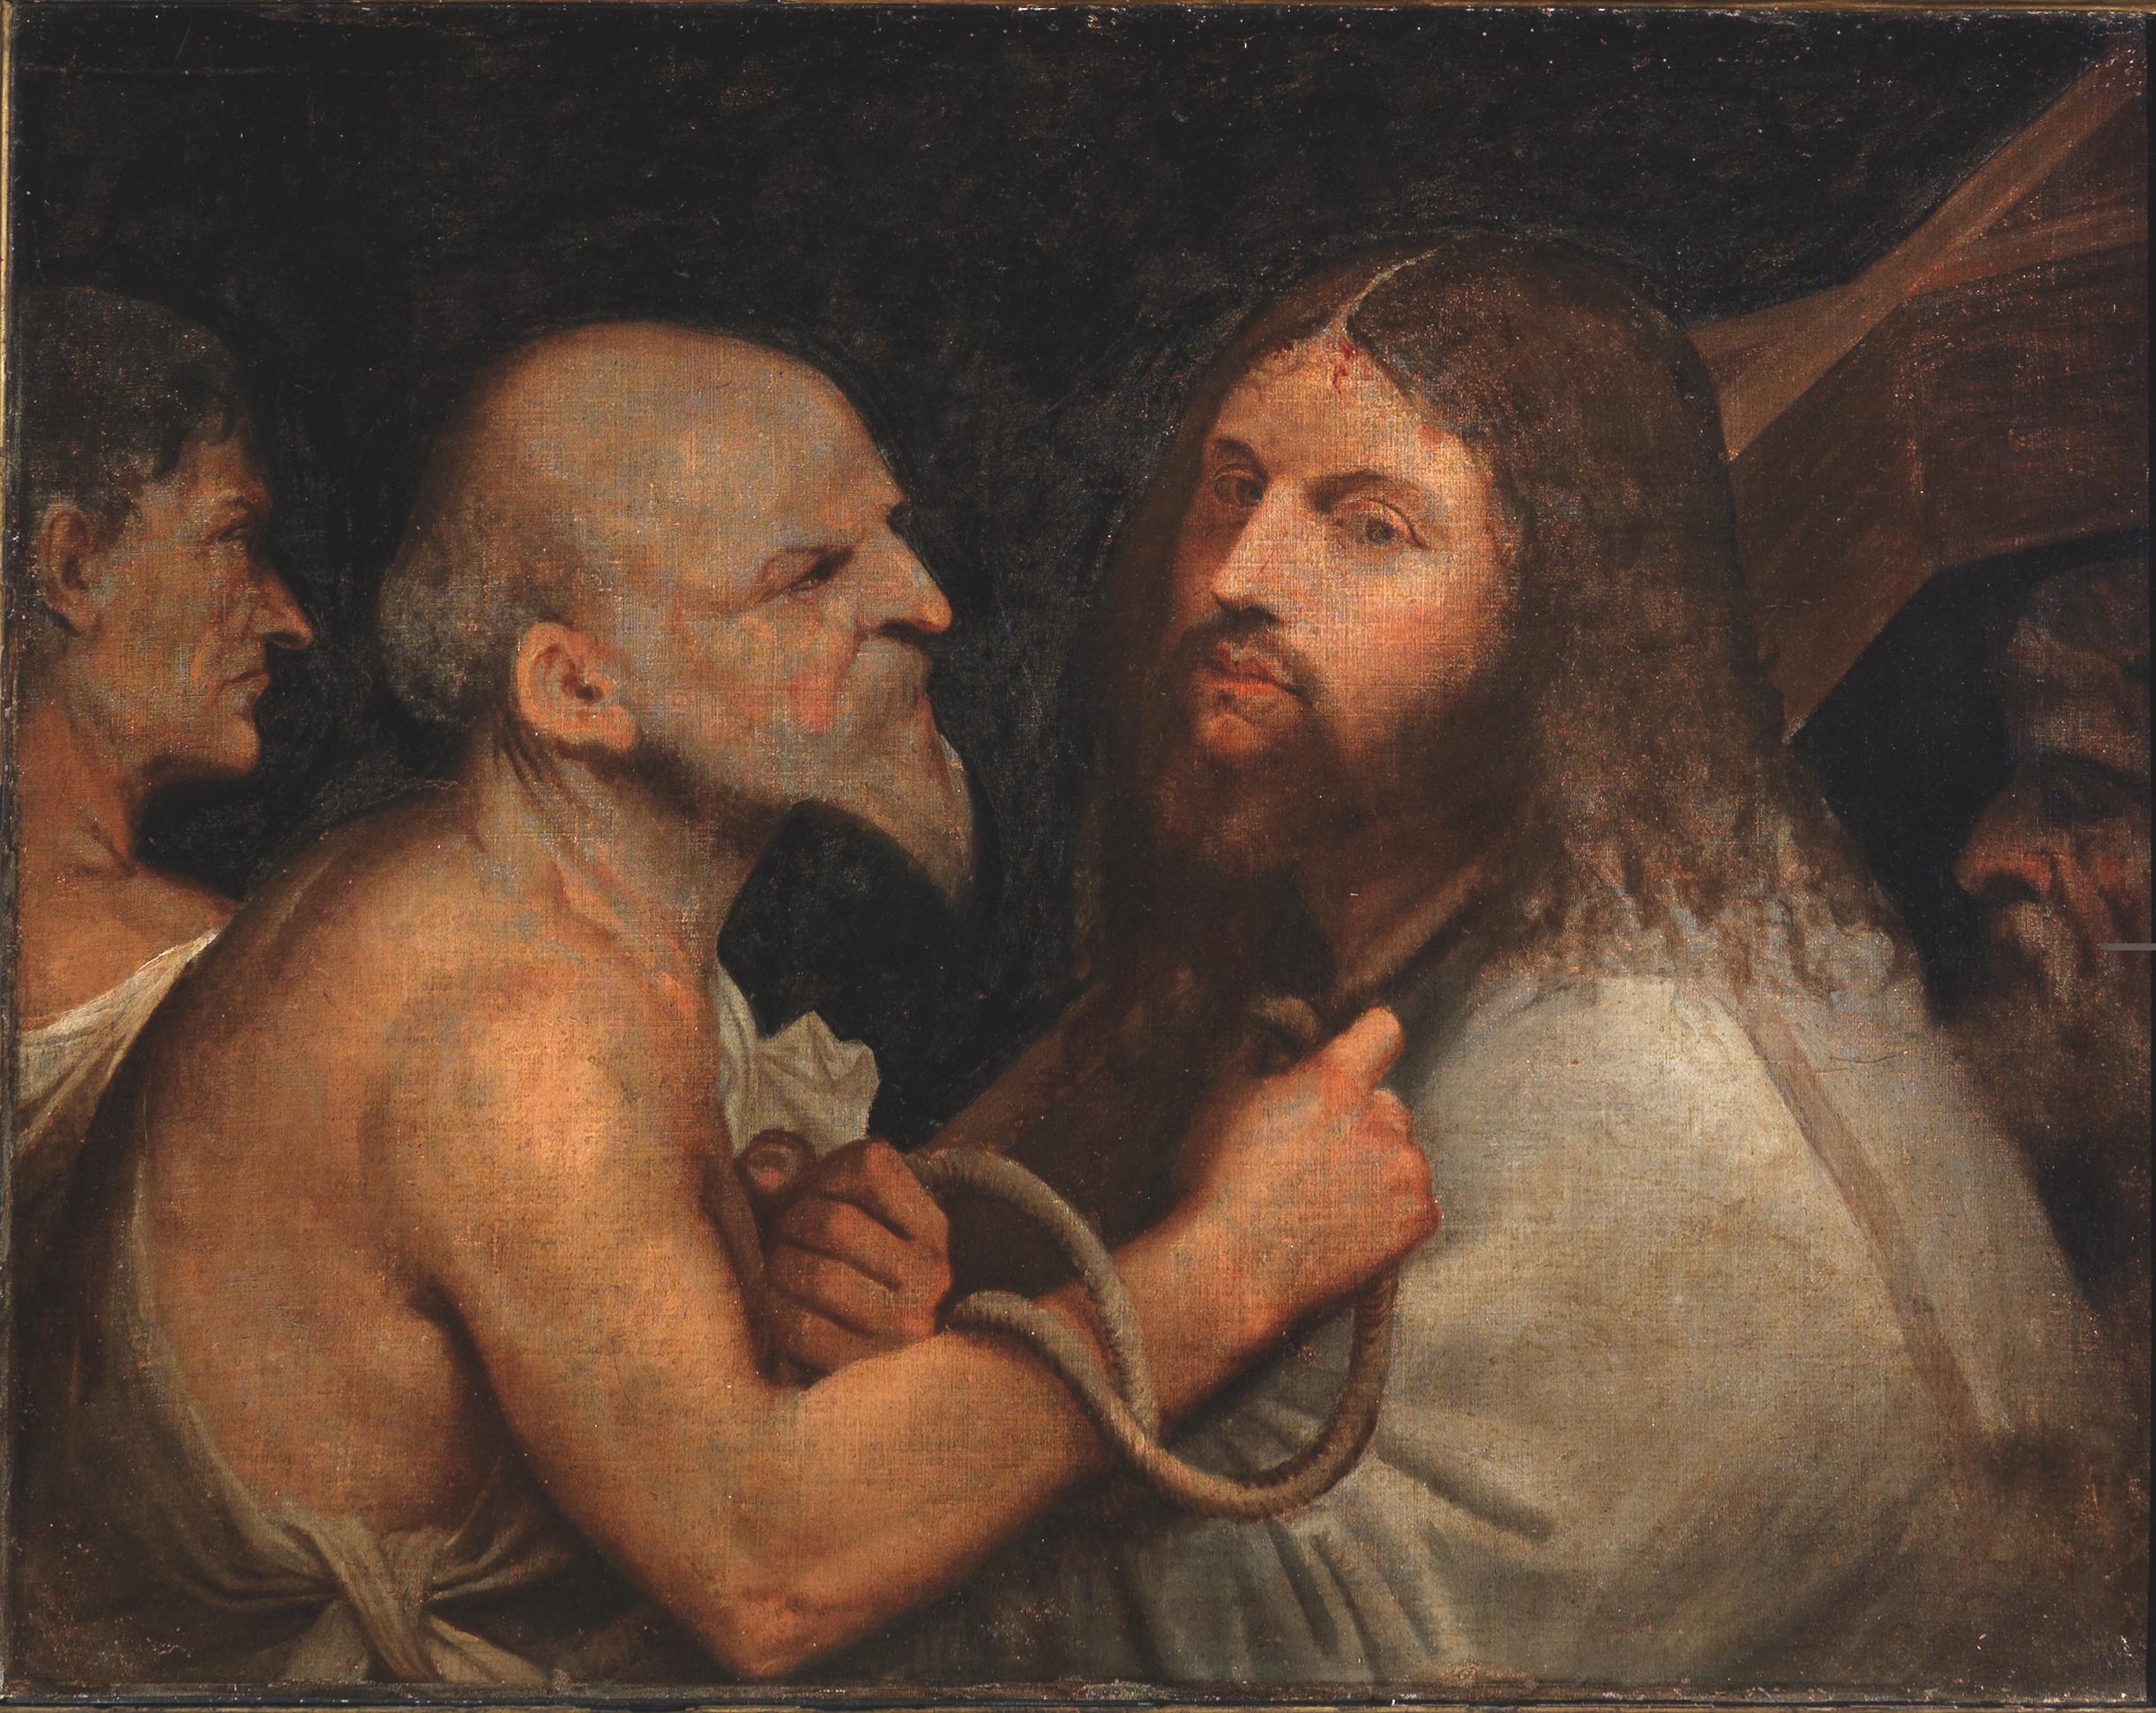 Giorgione - Cristo portacroce (1508-1510)